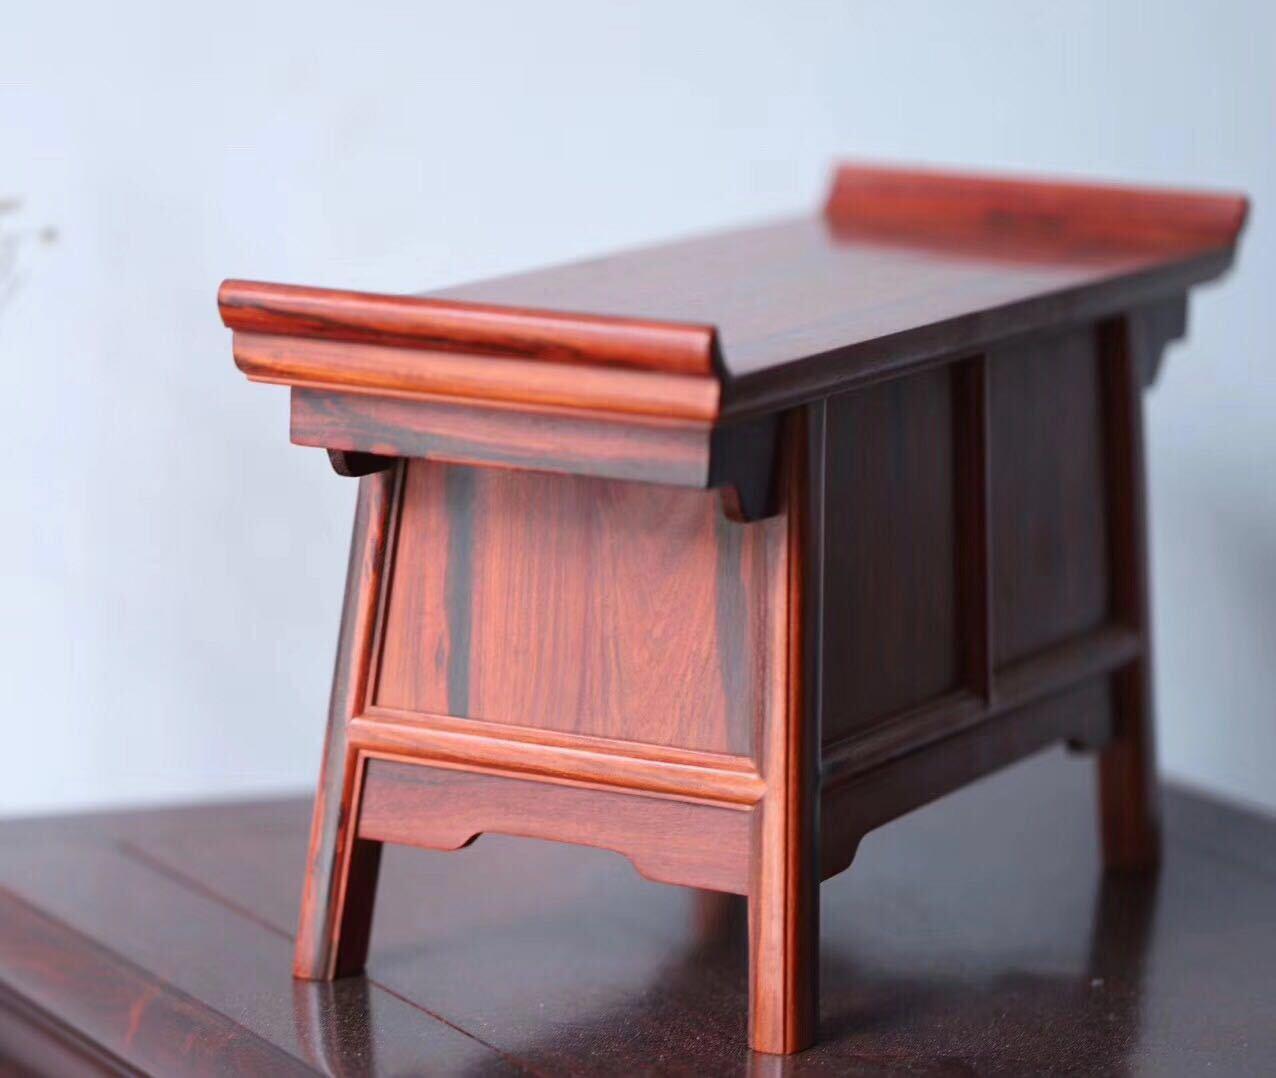 工艺:传统手工结构:榫卯结构,小二联橱是案桌类和柜橱类家具相结合的